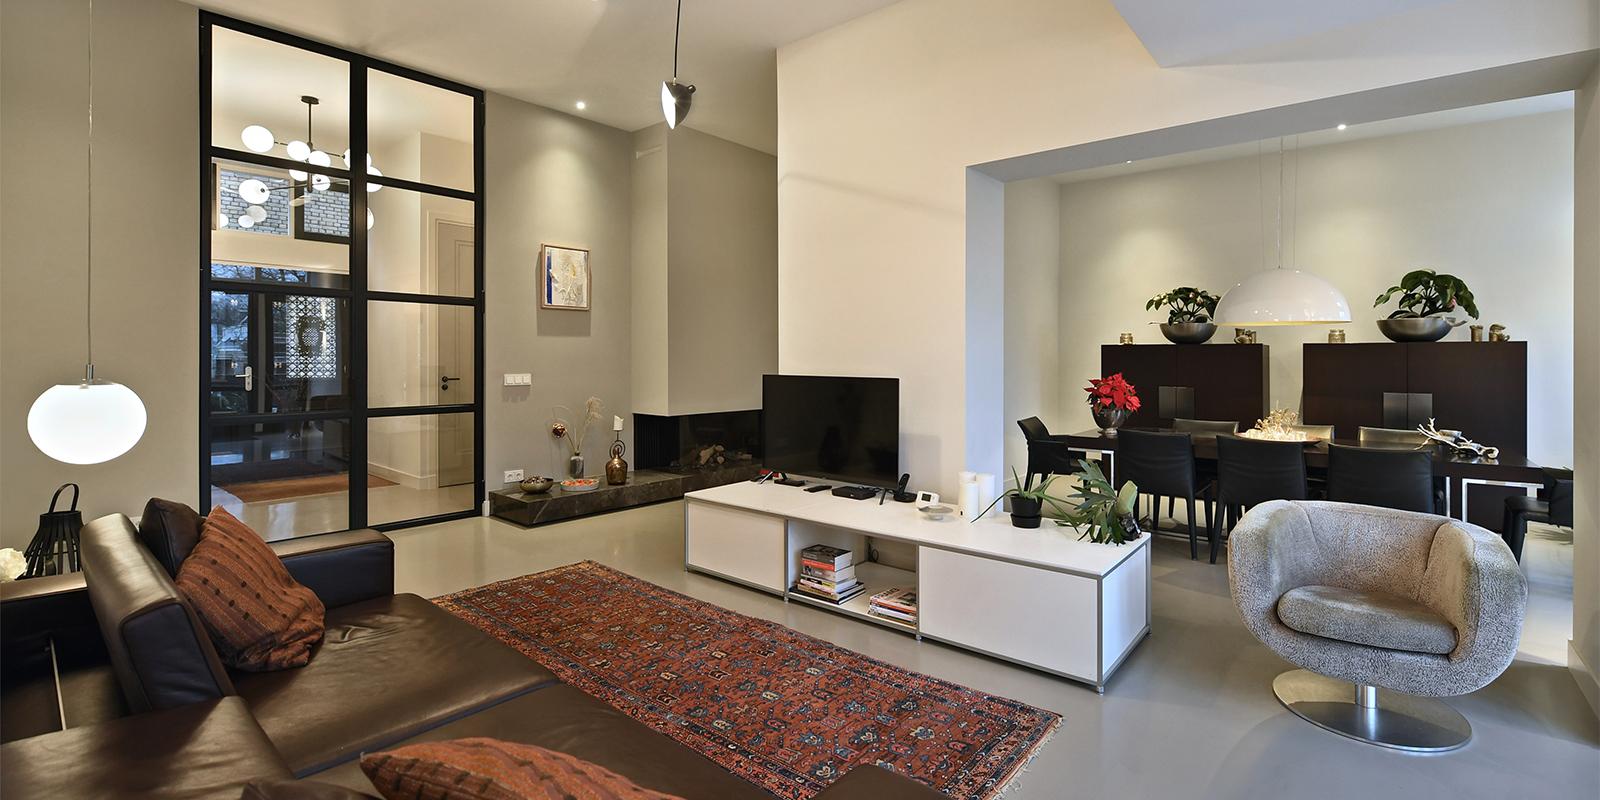 Open interieur, strakke vormgeving, haard, open ruimte, modern